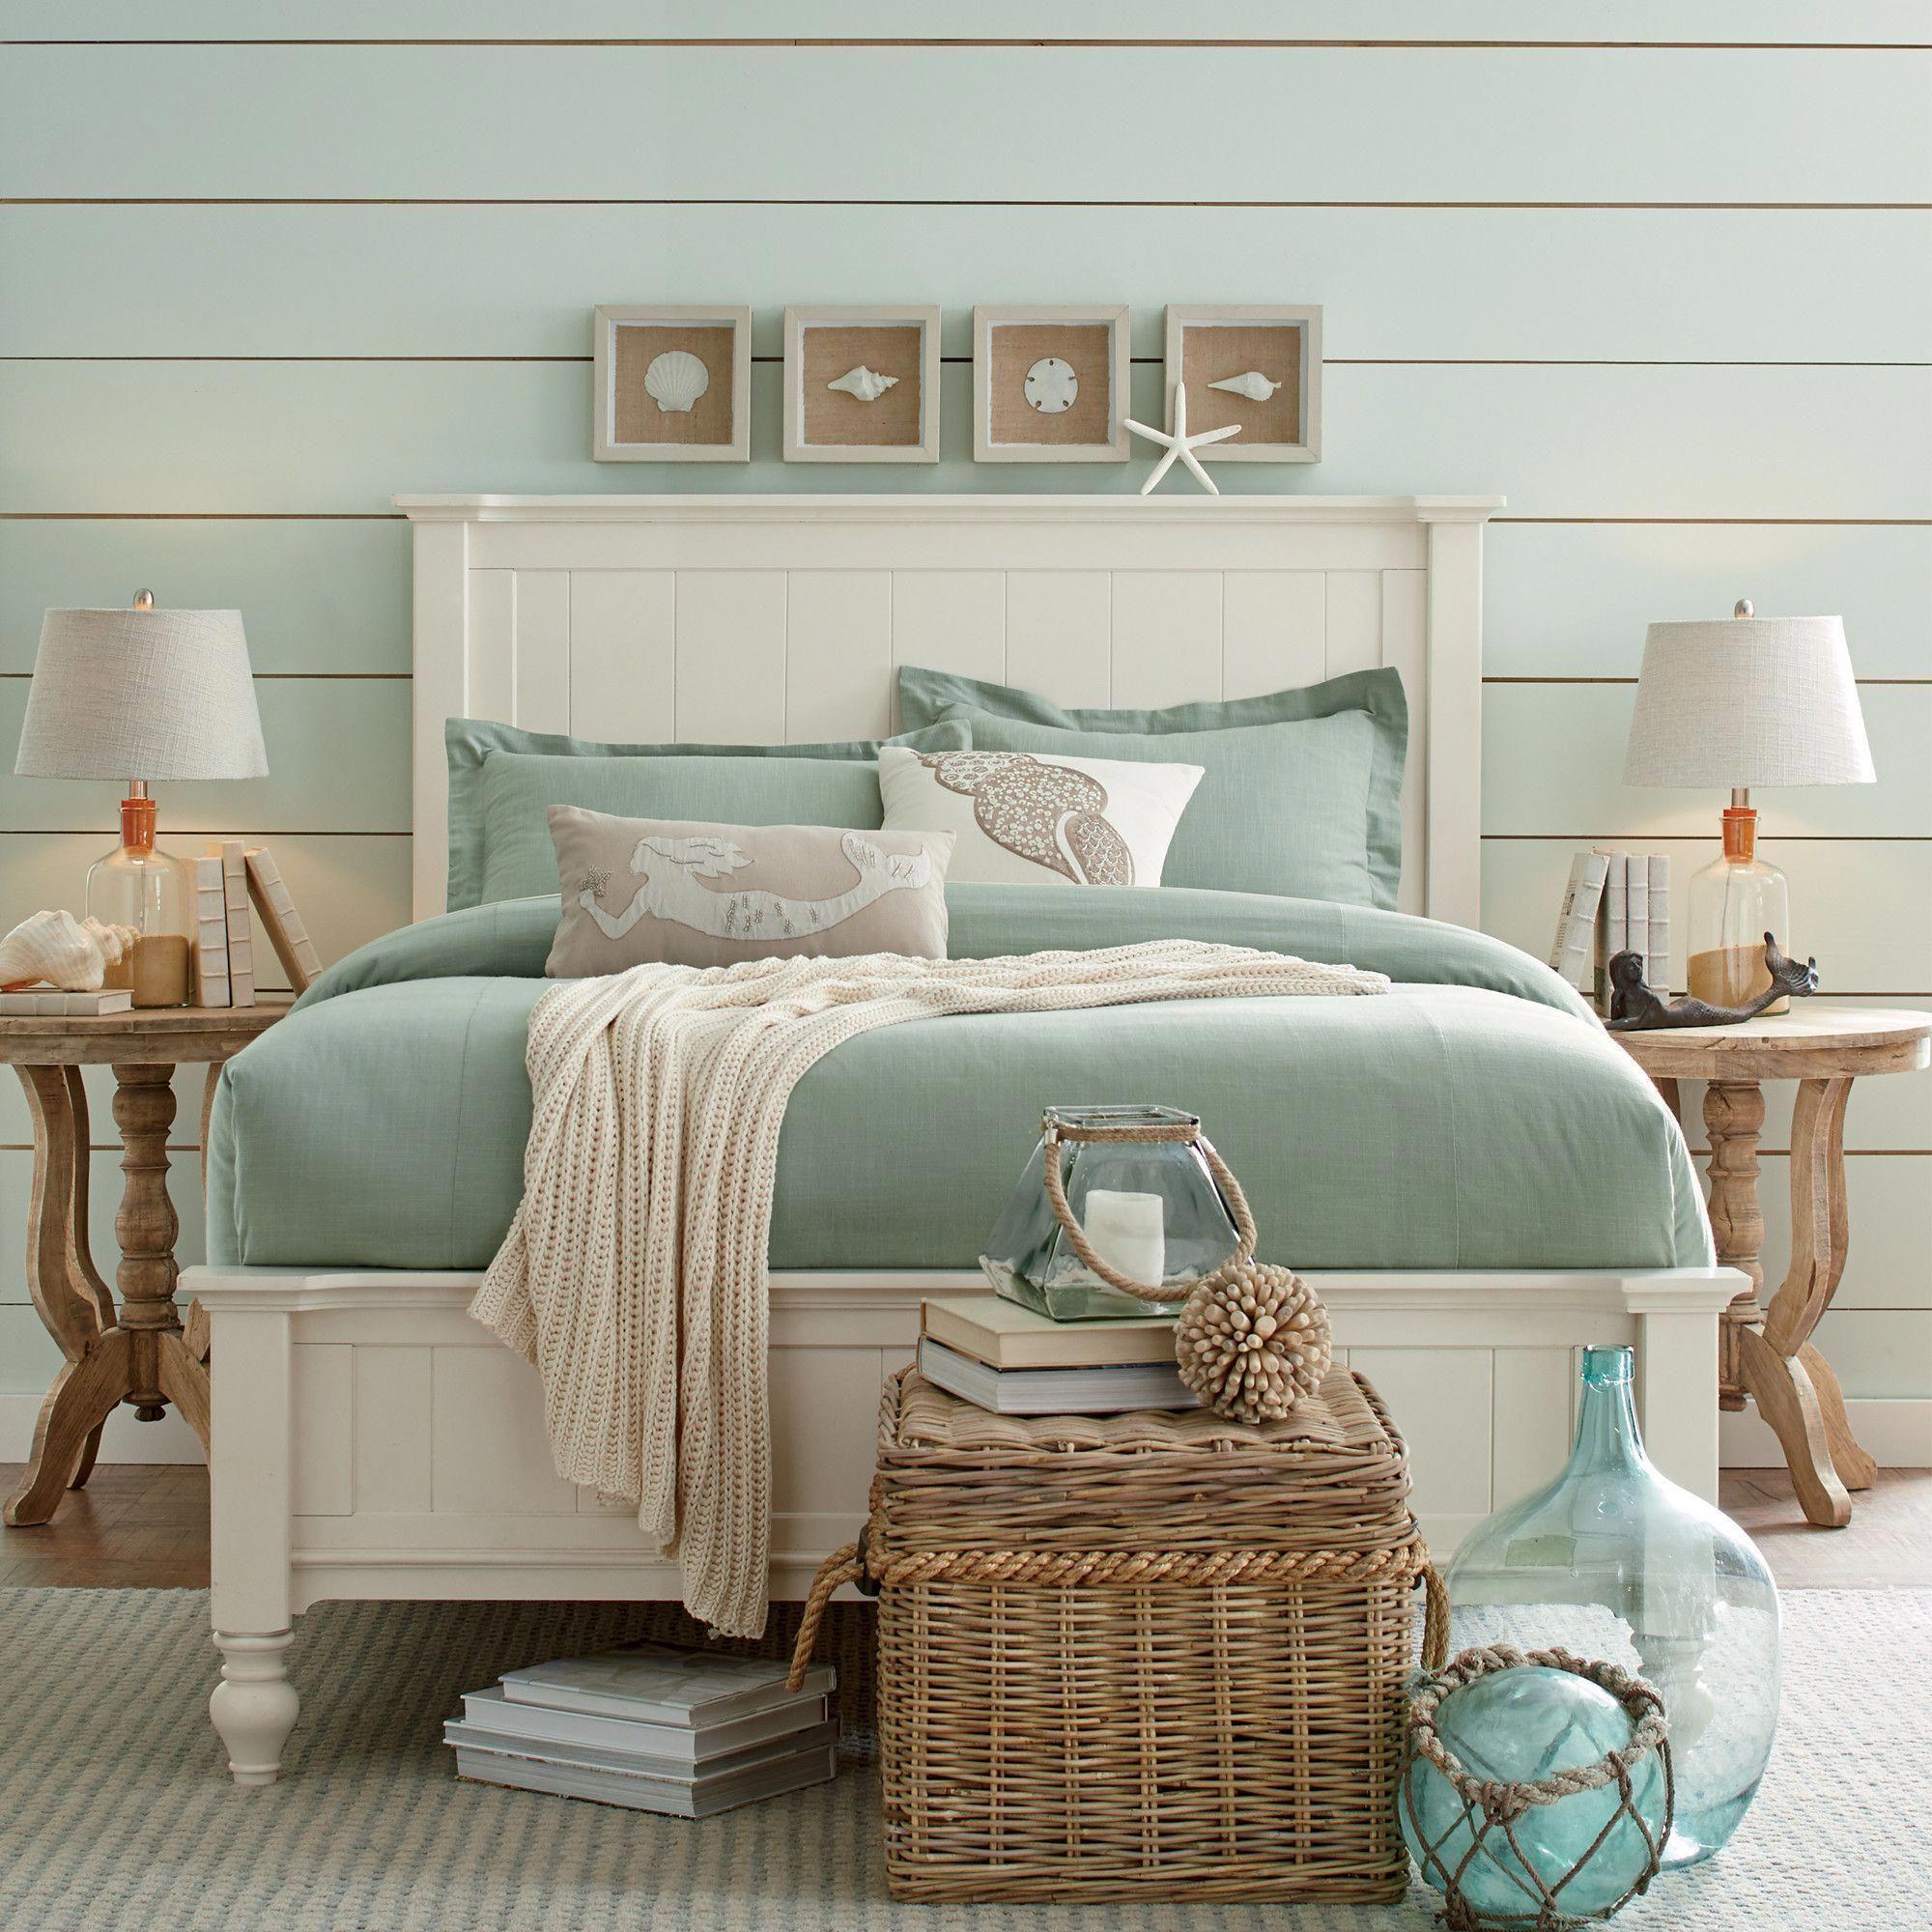 award winning beach house interiors BEACHHOUSEINTERIORS